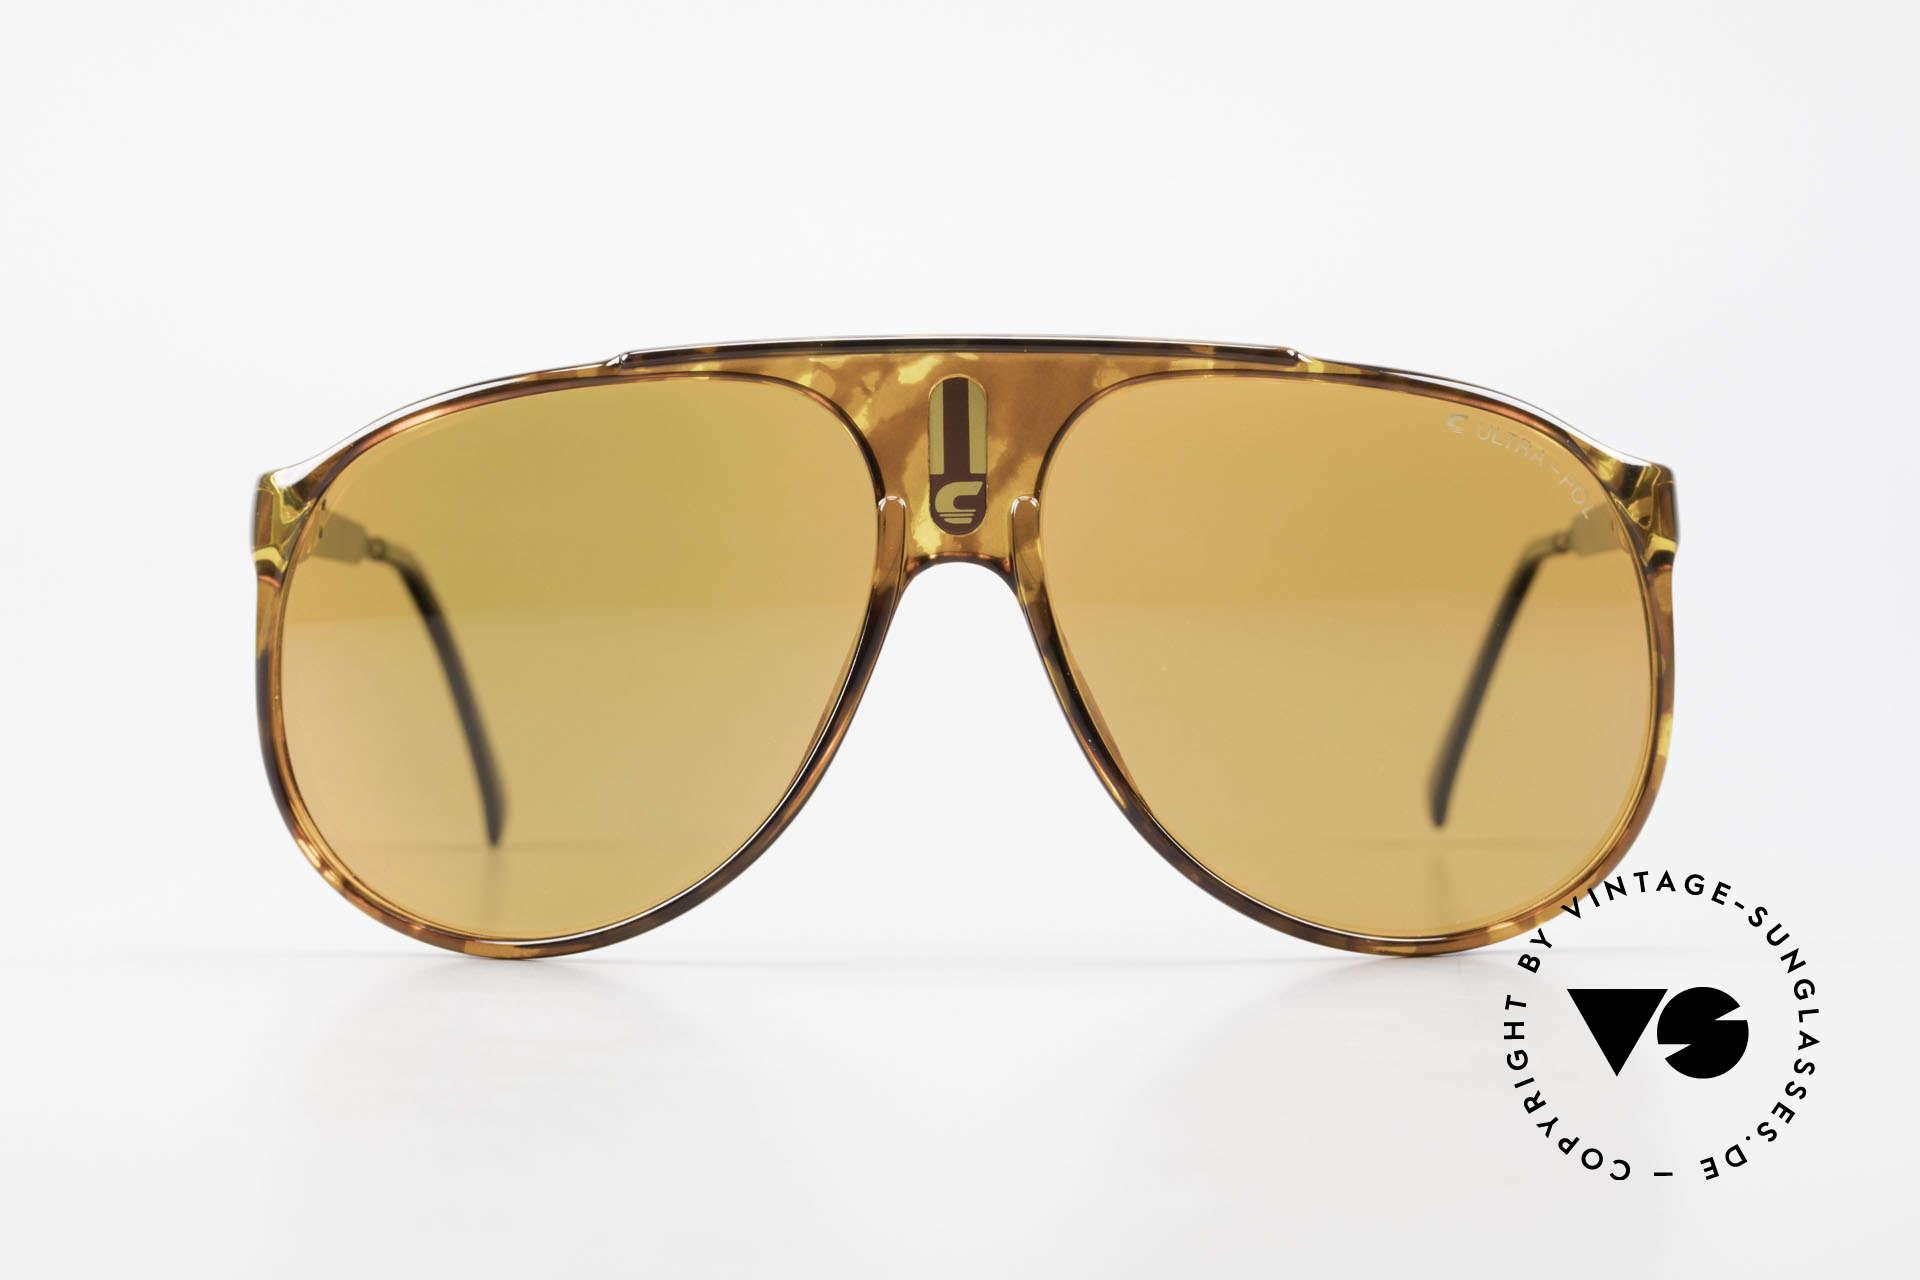 Carrera 5424 80's Sunglasses Polarized Lens, original catalog name: model 5424 Sky, size 62/13, Made for Men